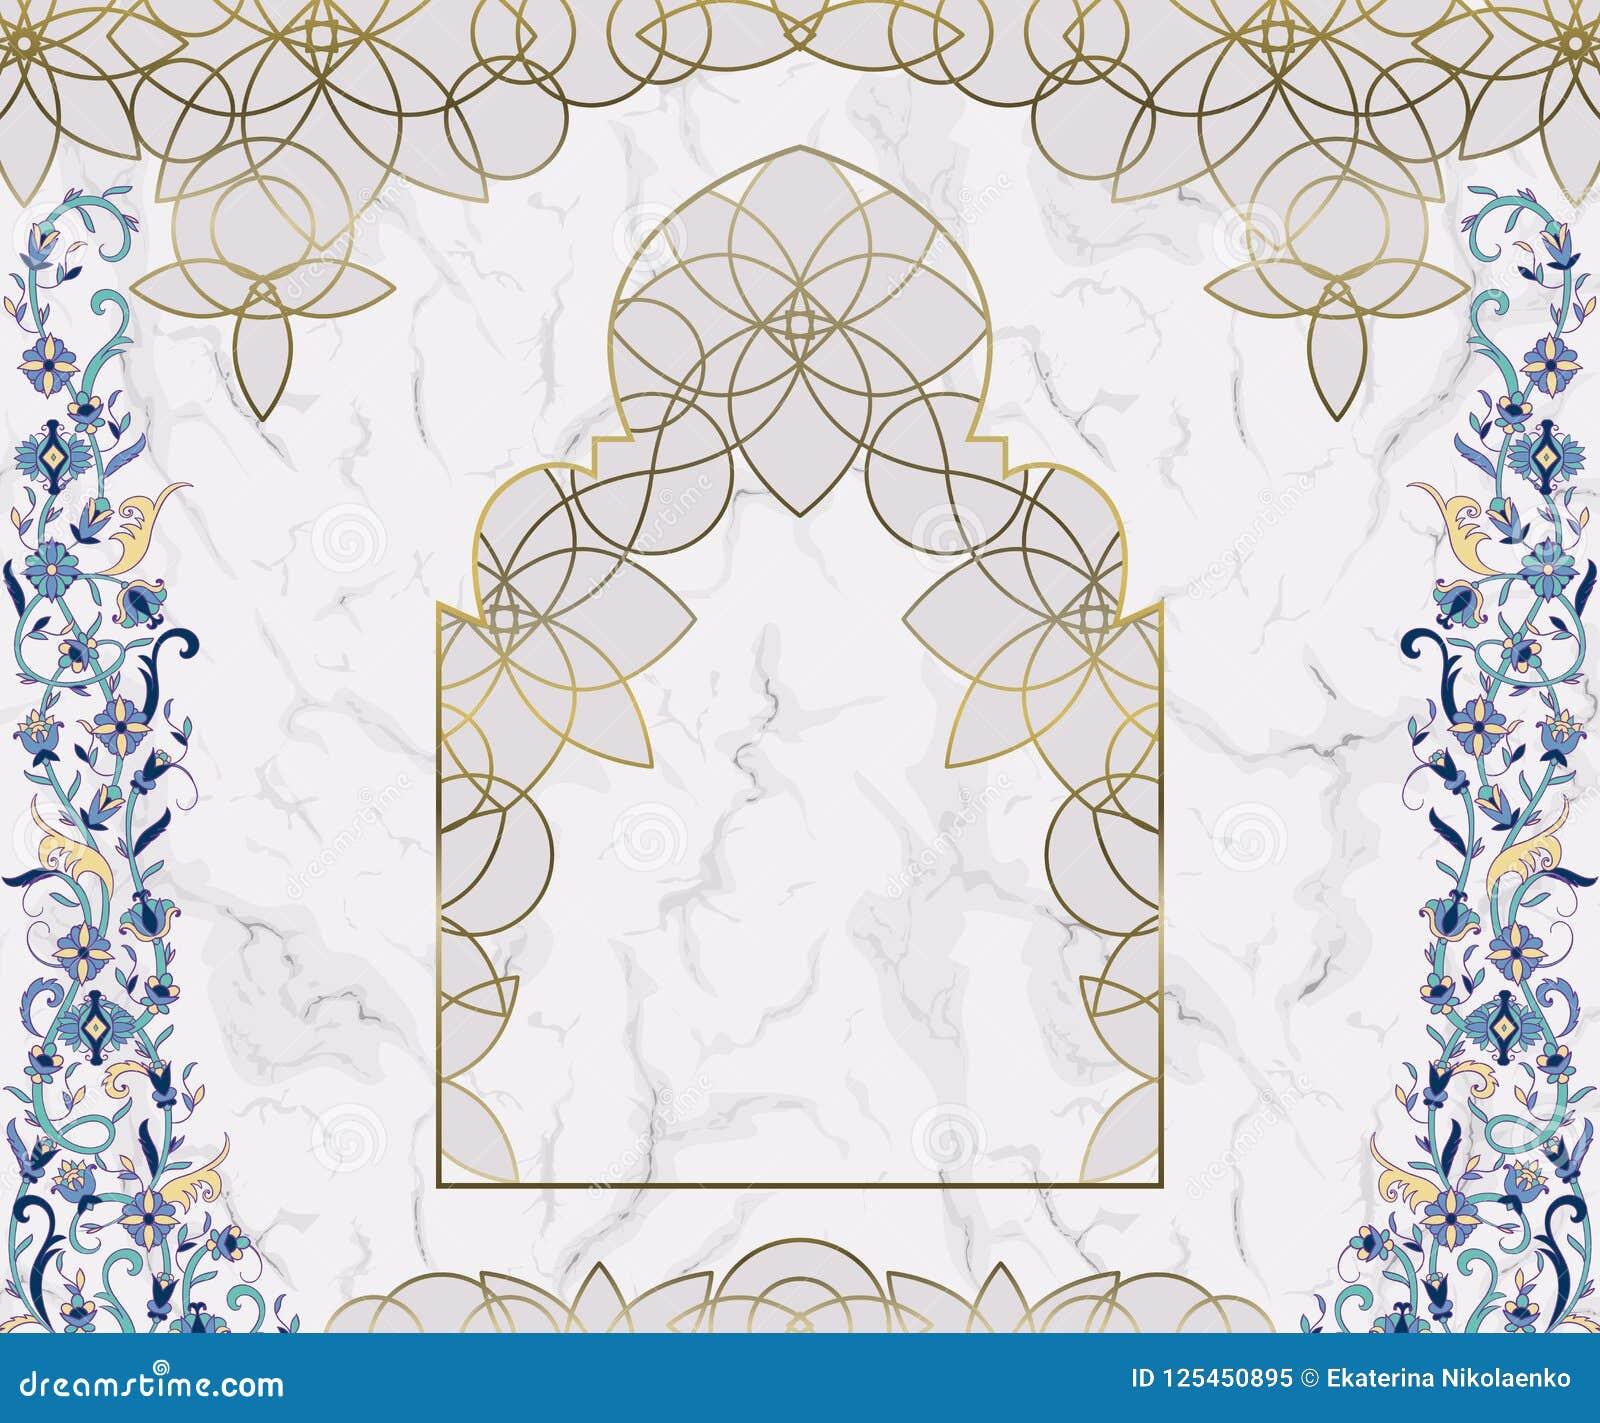 阿拉伯花卉曲拱 在白色大理石背景的传统伊斯兰教的装饰品 清真寺装饰设计元素